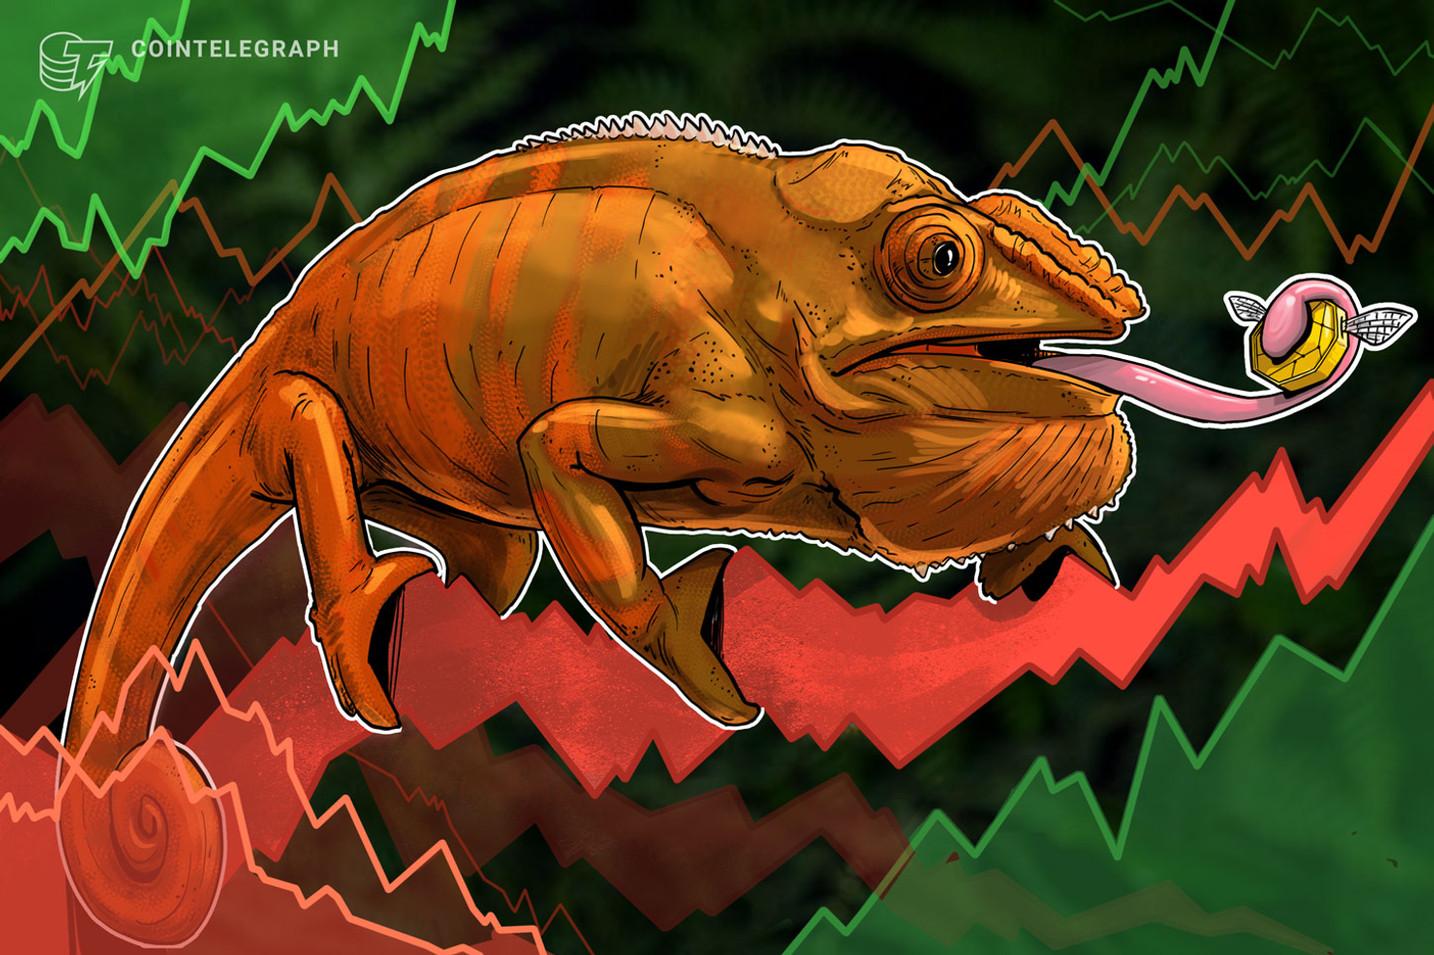 ビットコインのツイッターでの言及数、過去最低を記録 仮想通貨XRP(リップル)「底」つけたか